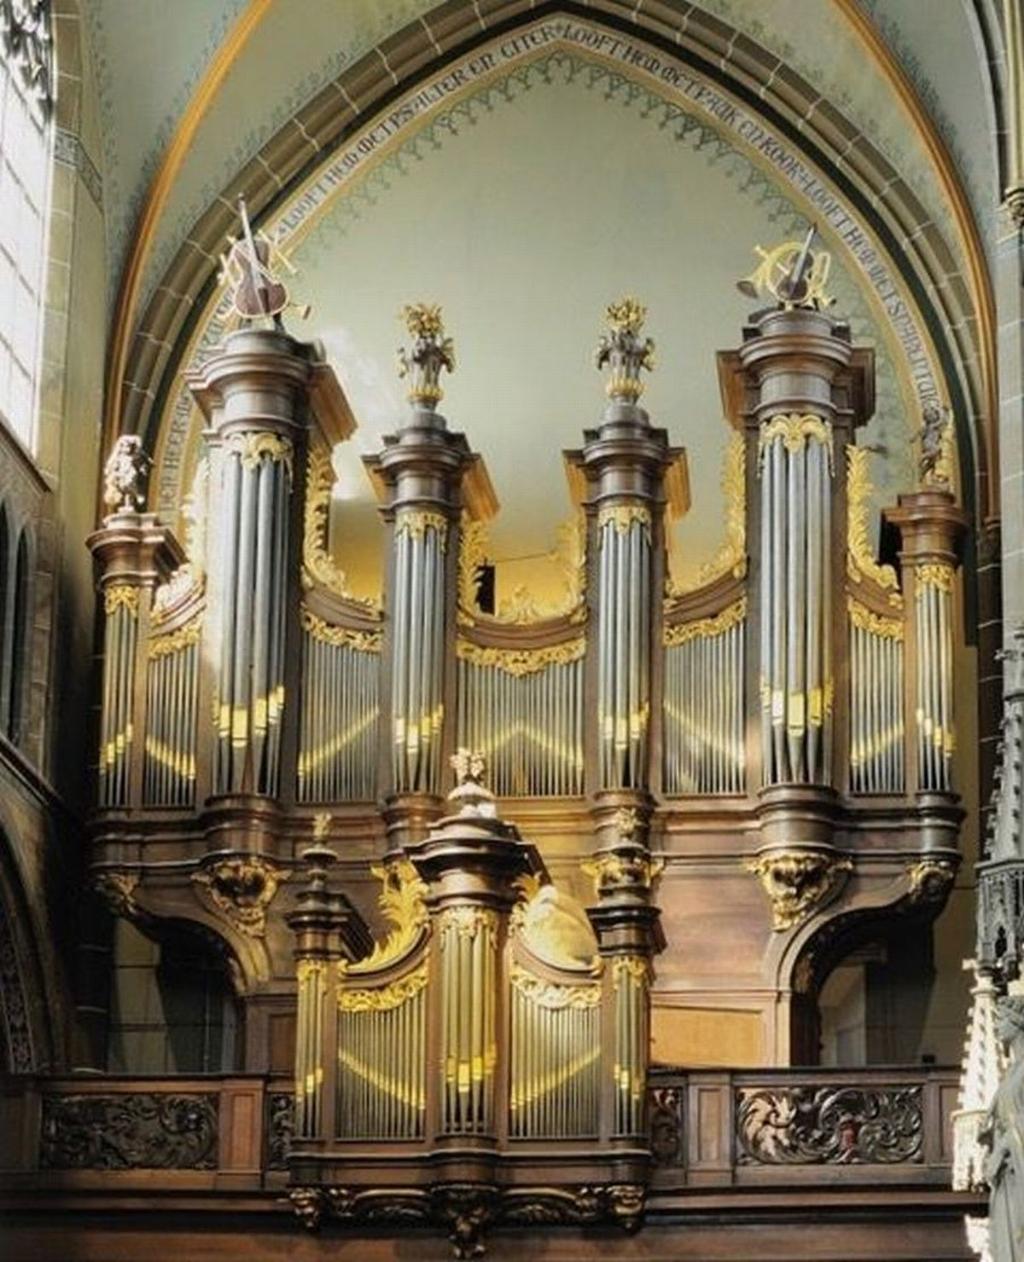 Centraal staat het orgel van Guillaume Robustelly, gebouwd in 1772 voor de abdij van Averbode en vanaf 1822 in de Helmondse St. Lambertuskerk.